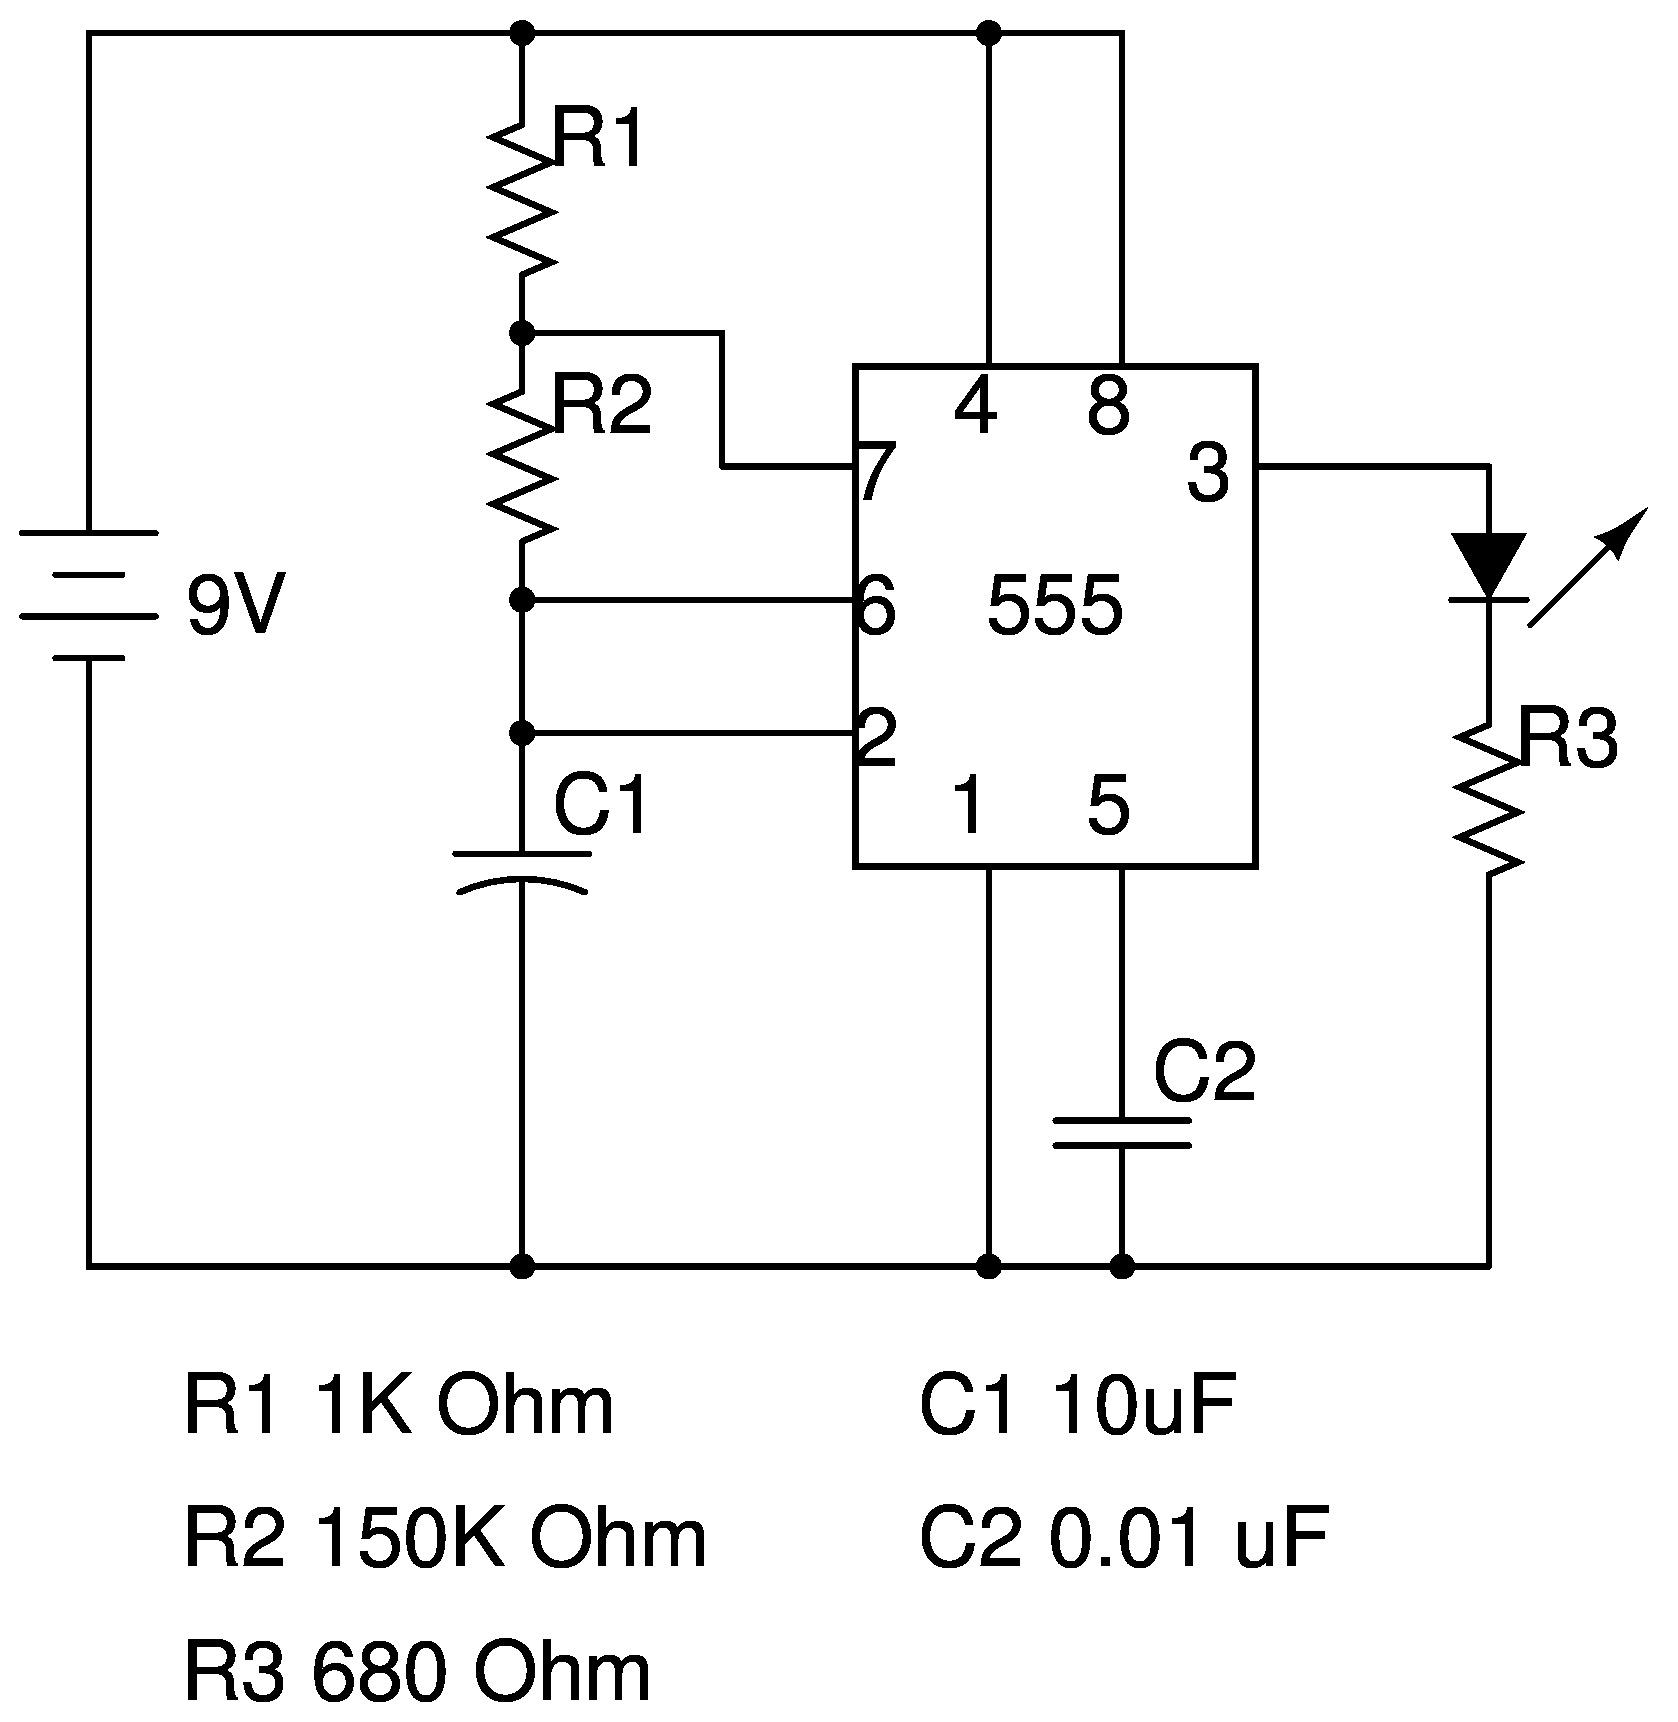 hight resolution of slow led blinker